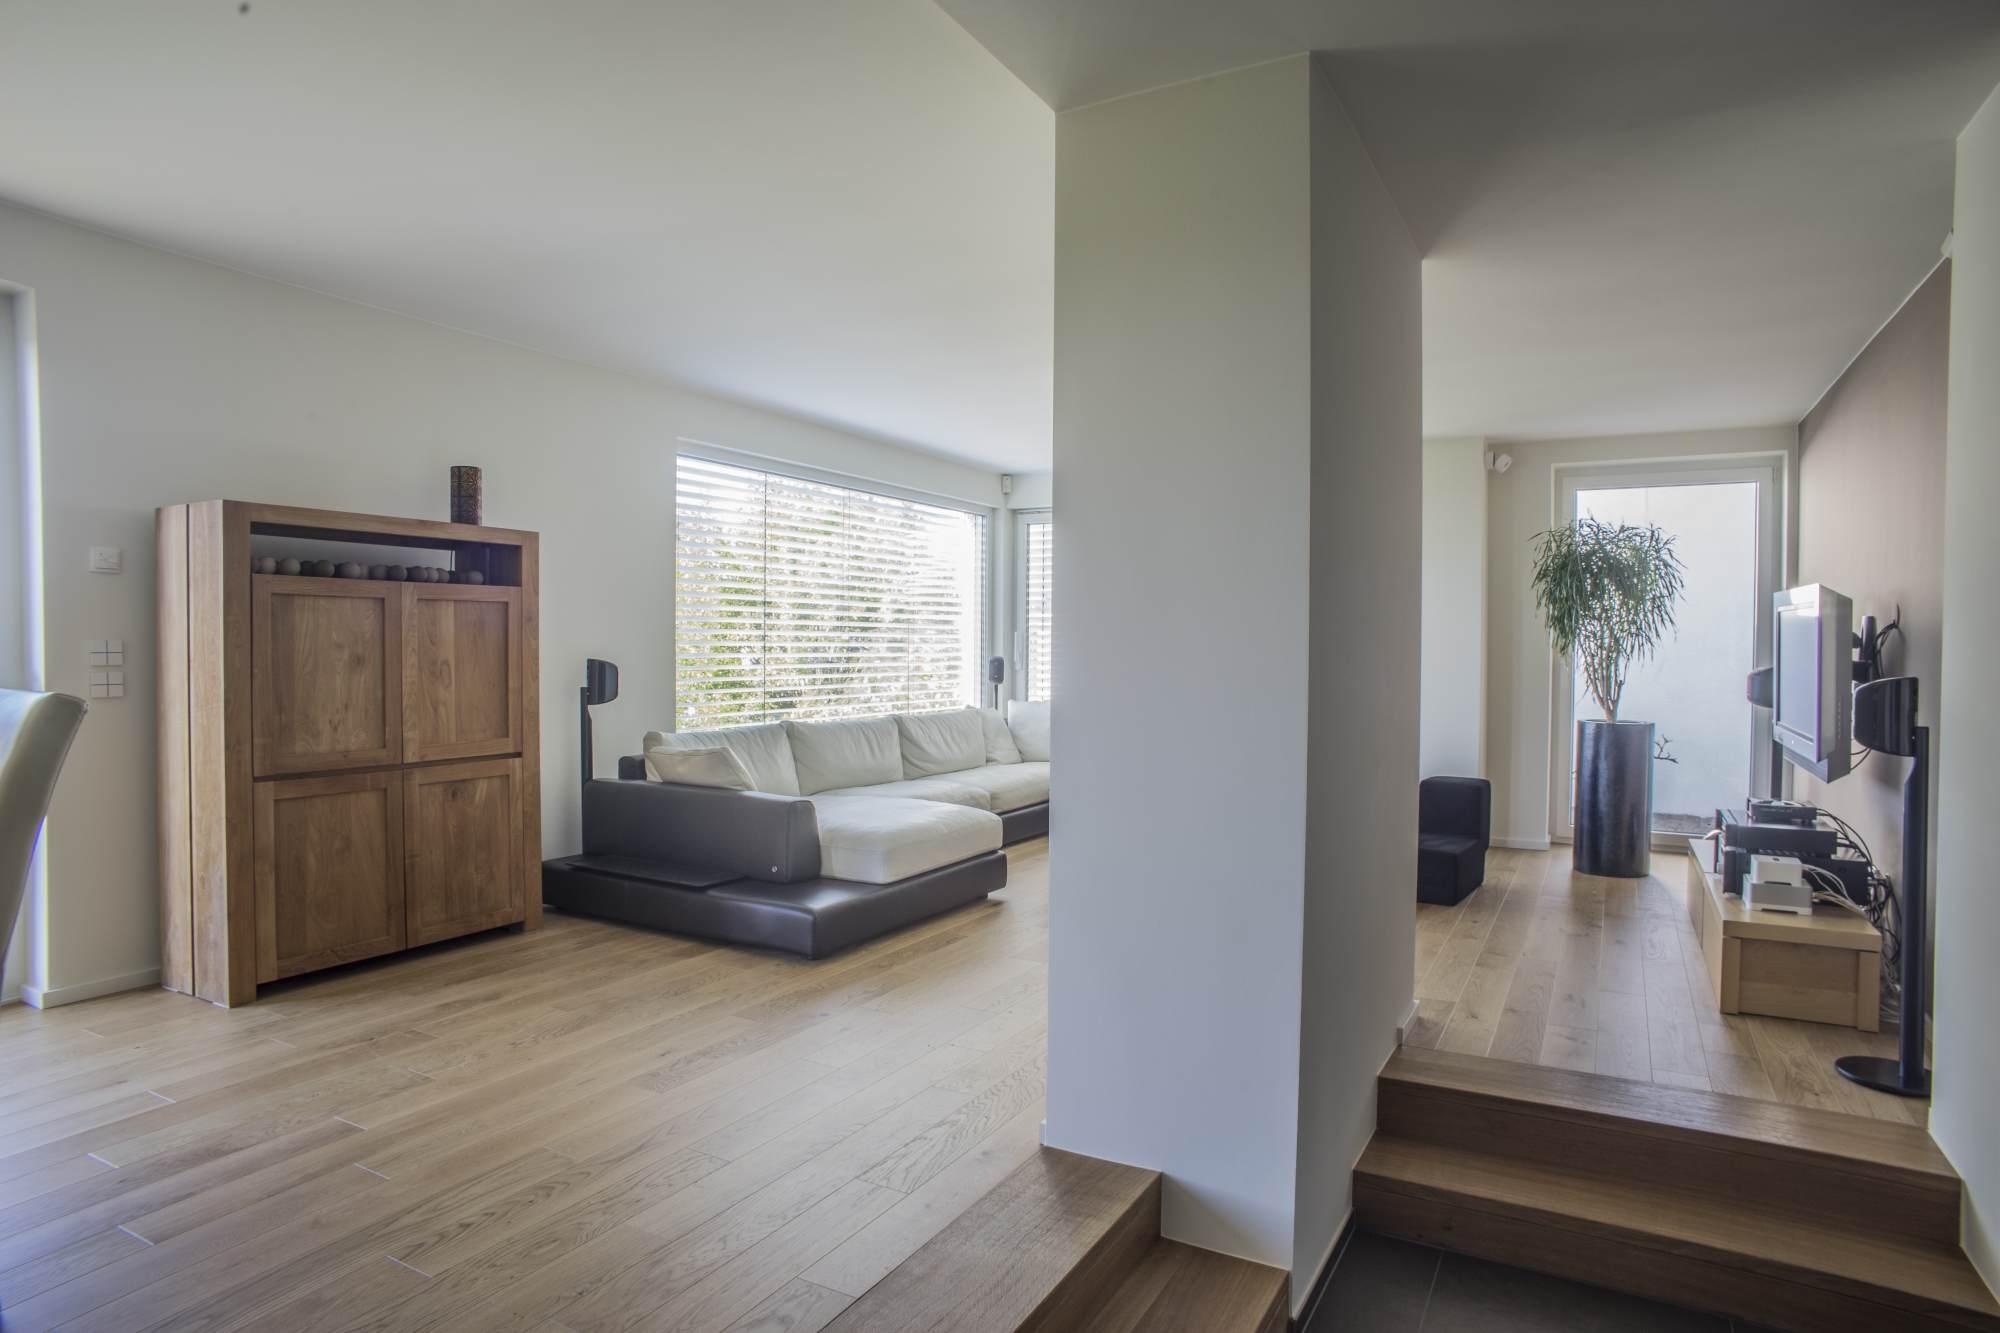 Wandsäule in Gipskarton verkleidet mit Blick in Wohnraum